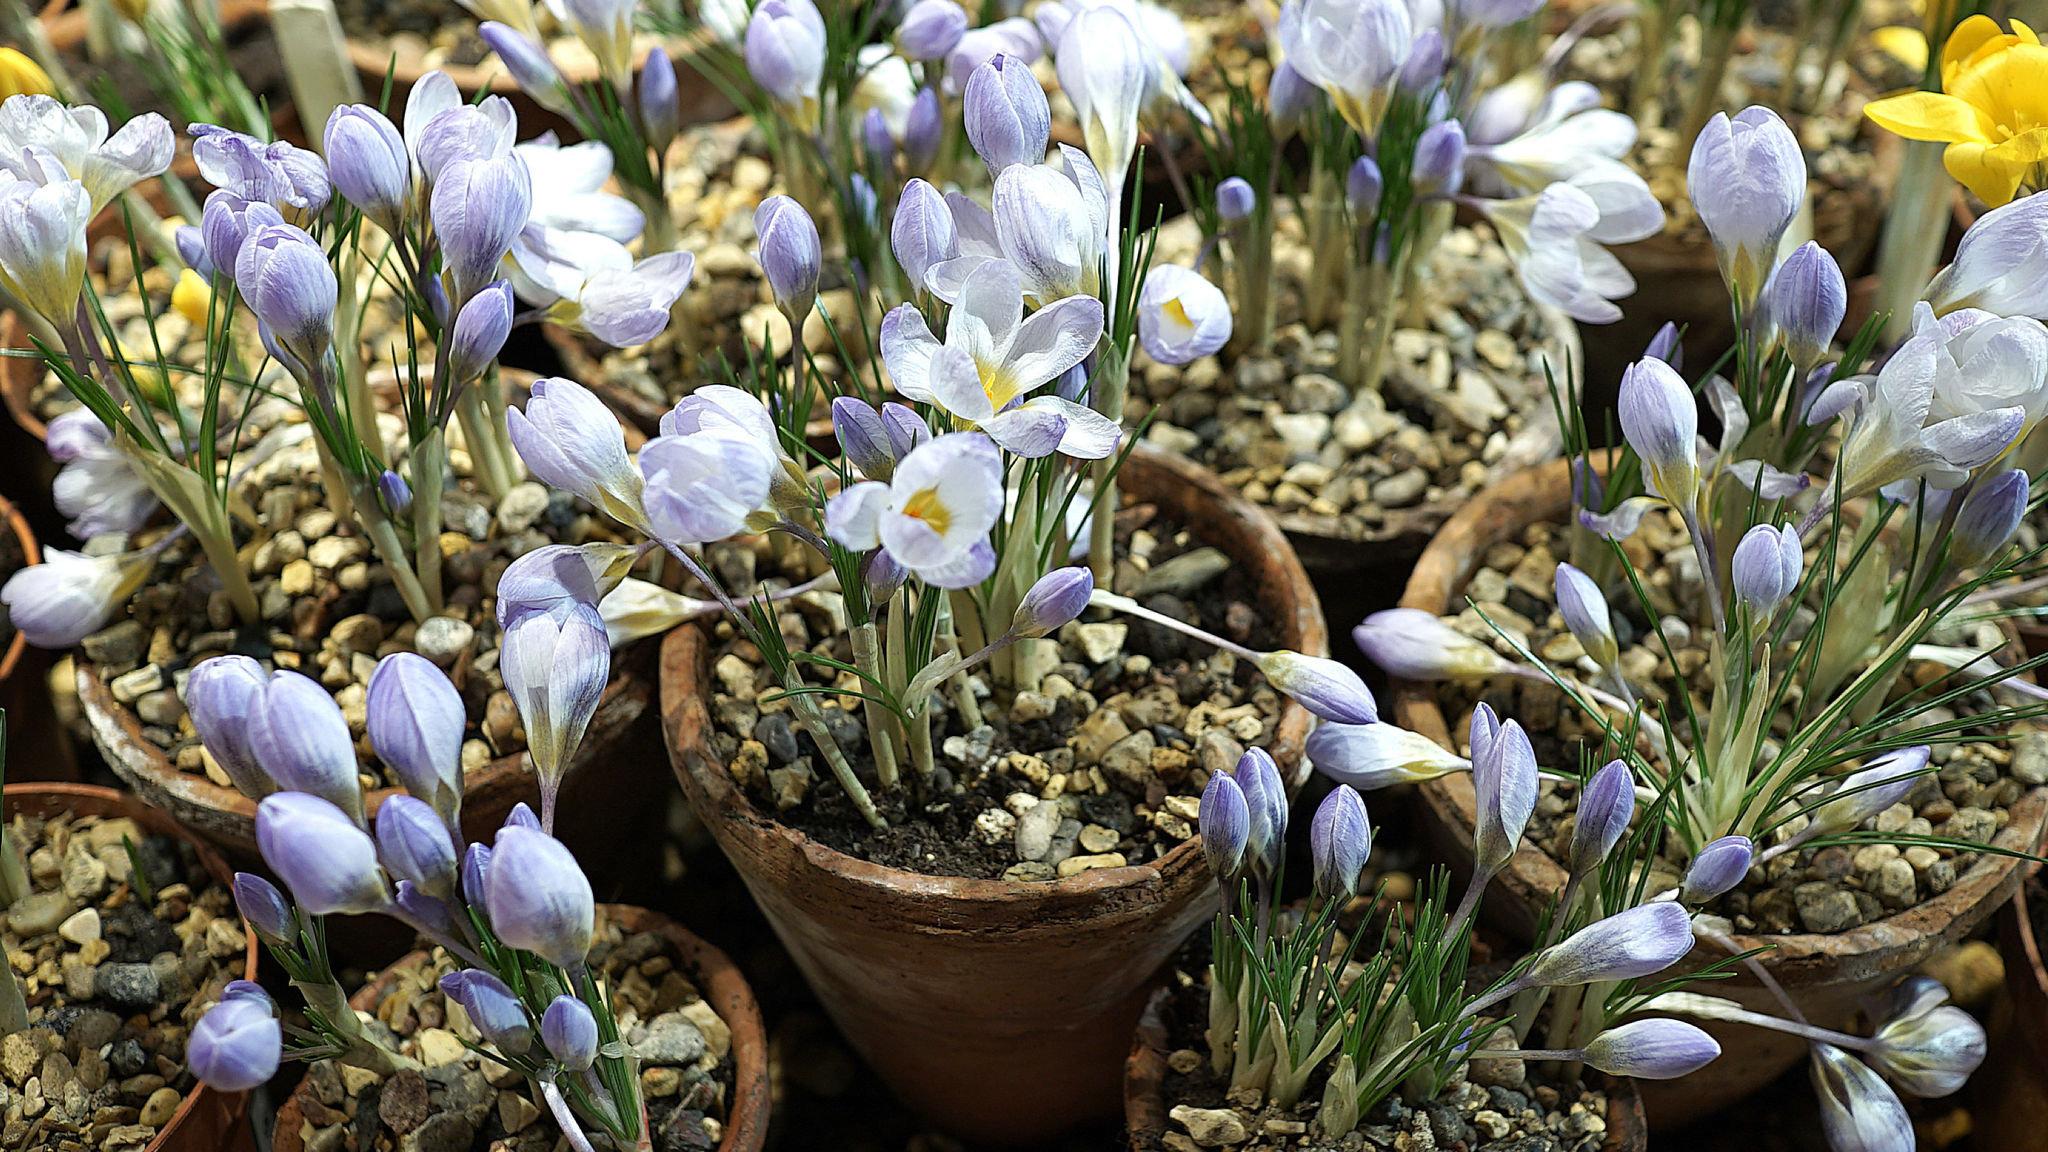 Tulip Double You Early Spring Flowering Garden Bulbs Indoor Outdoor Plants